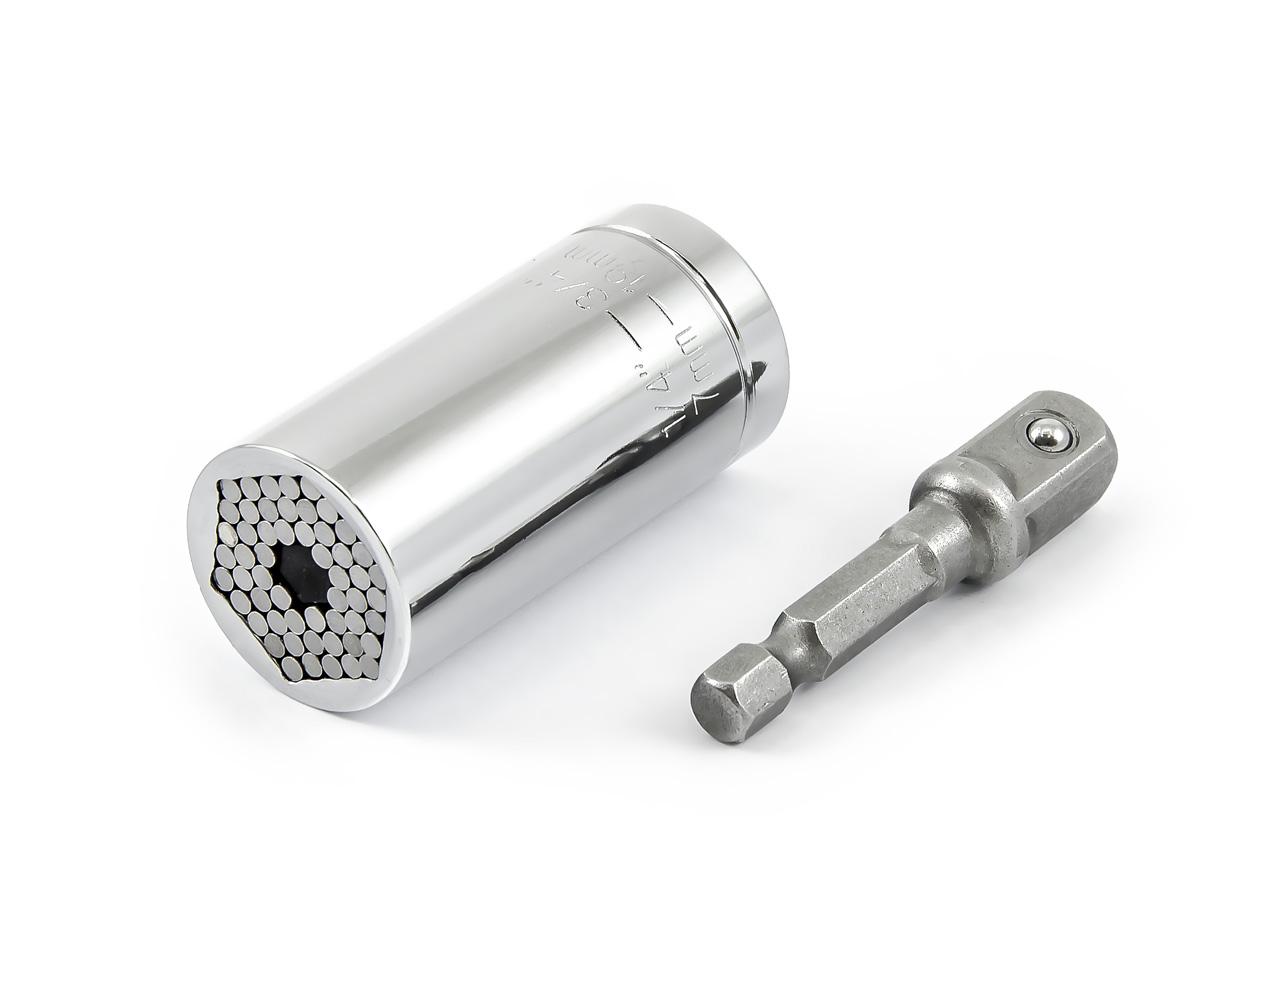 Univerzální nástavcový gola klíč 7 - 19mm